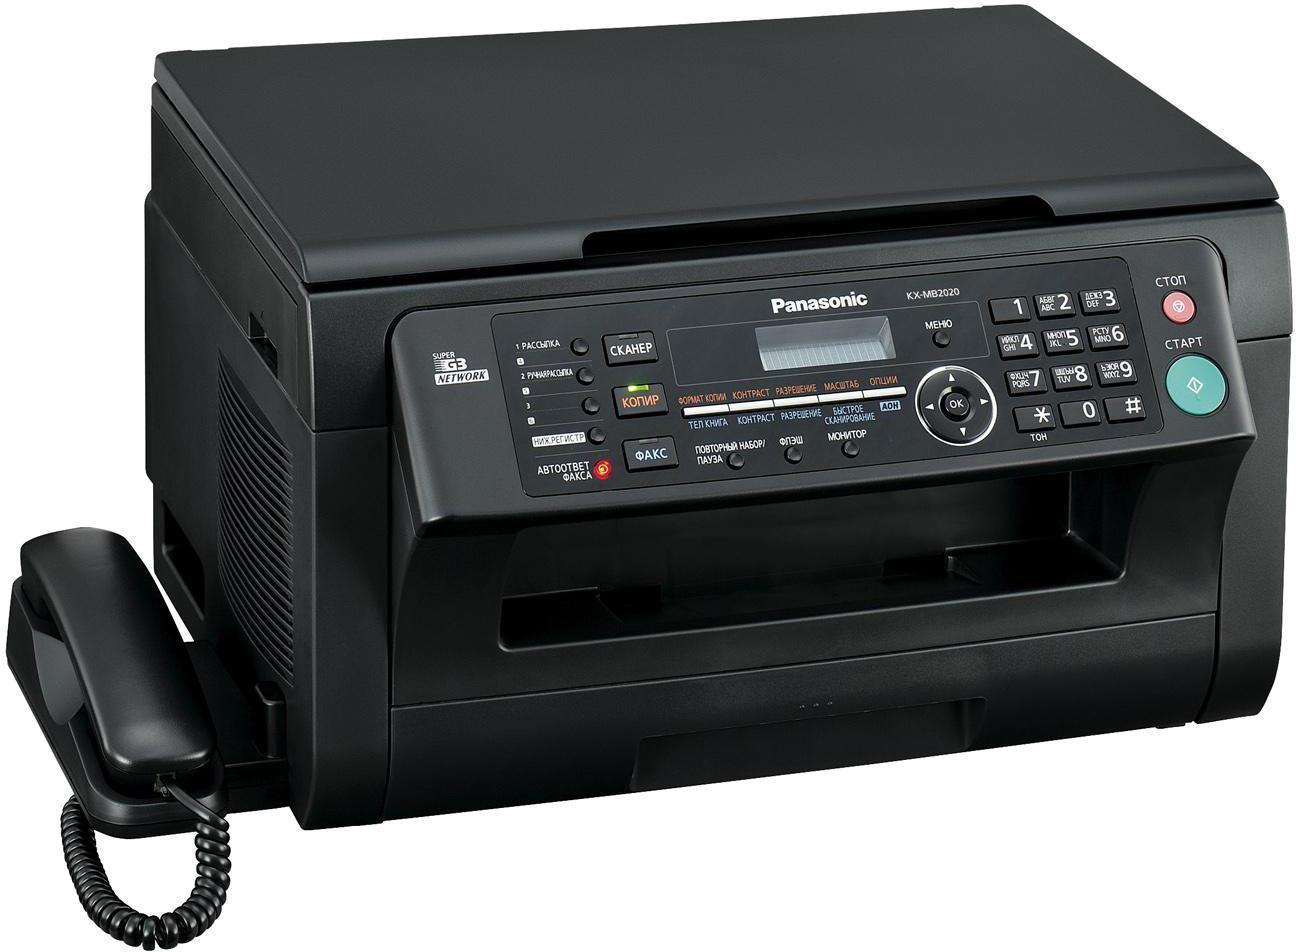 Panasonic KX-MB2020 RUB, BlackKX-MB2020RUBДля того чтобы сократить количество ненужных отпечатков, можно воспользоваться функцией предварительного просмотра входящих факсимильных сообщений, а затем решить стоит ли их распечатать, сохранить на компьютере или удалить.